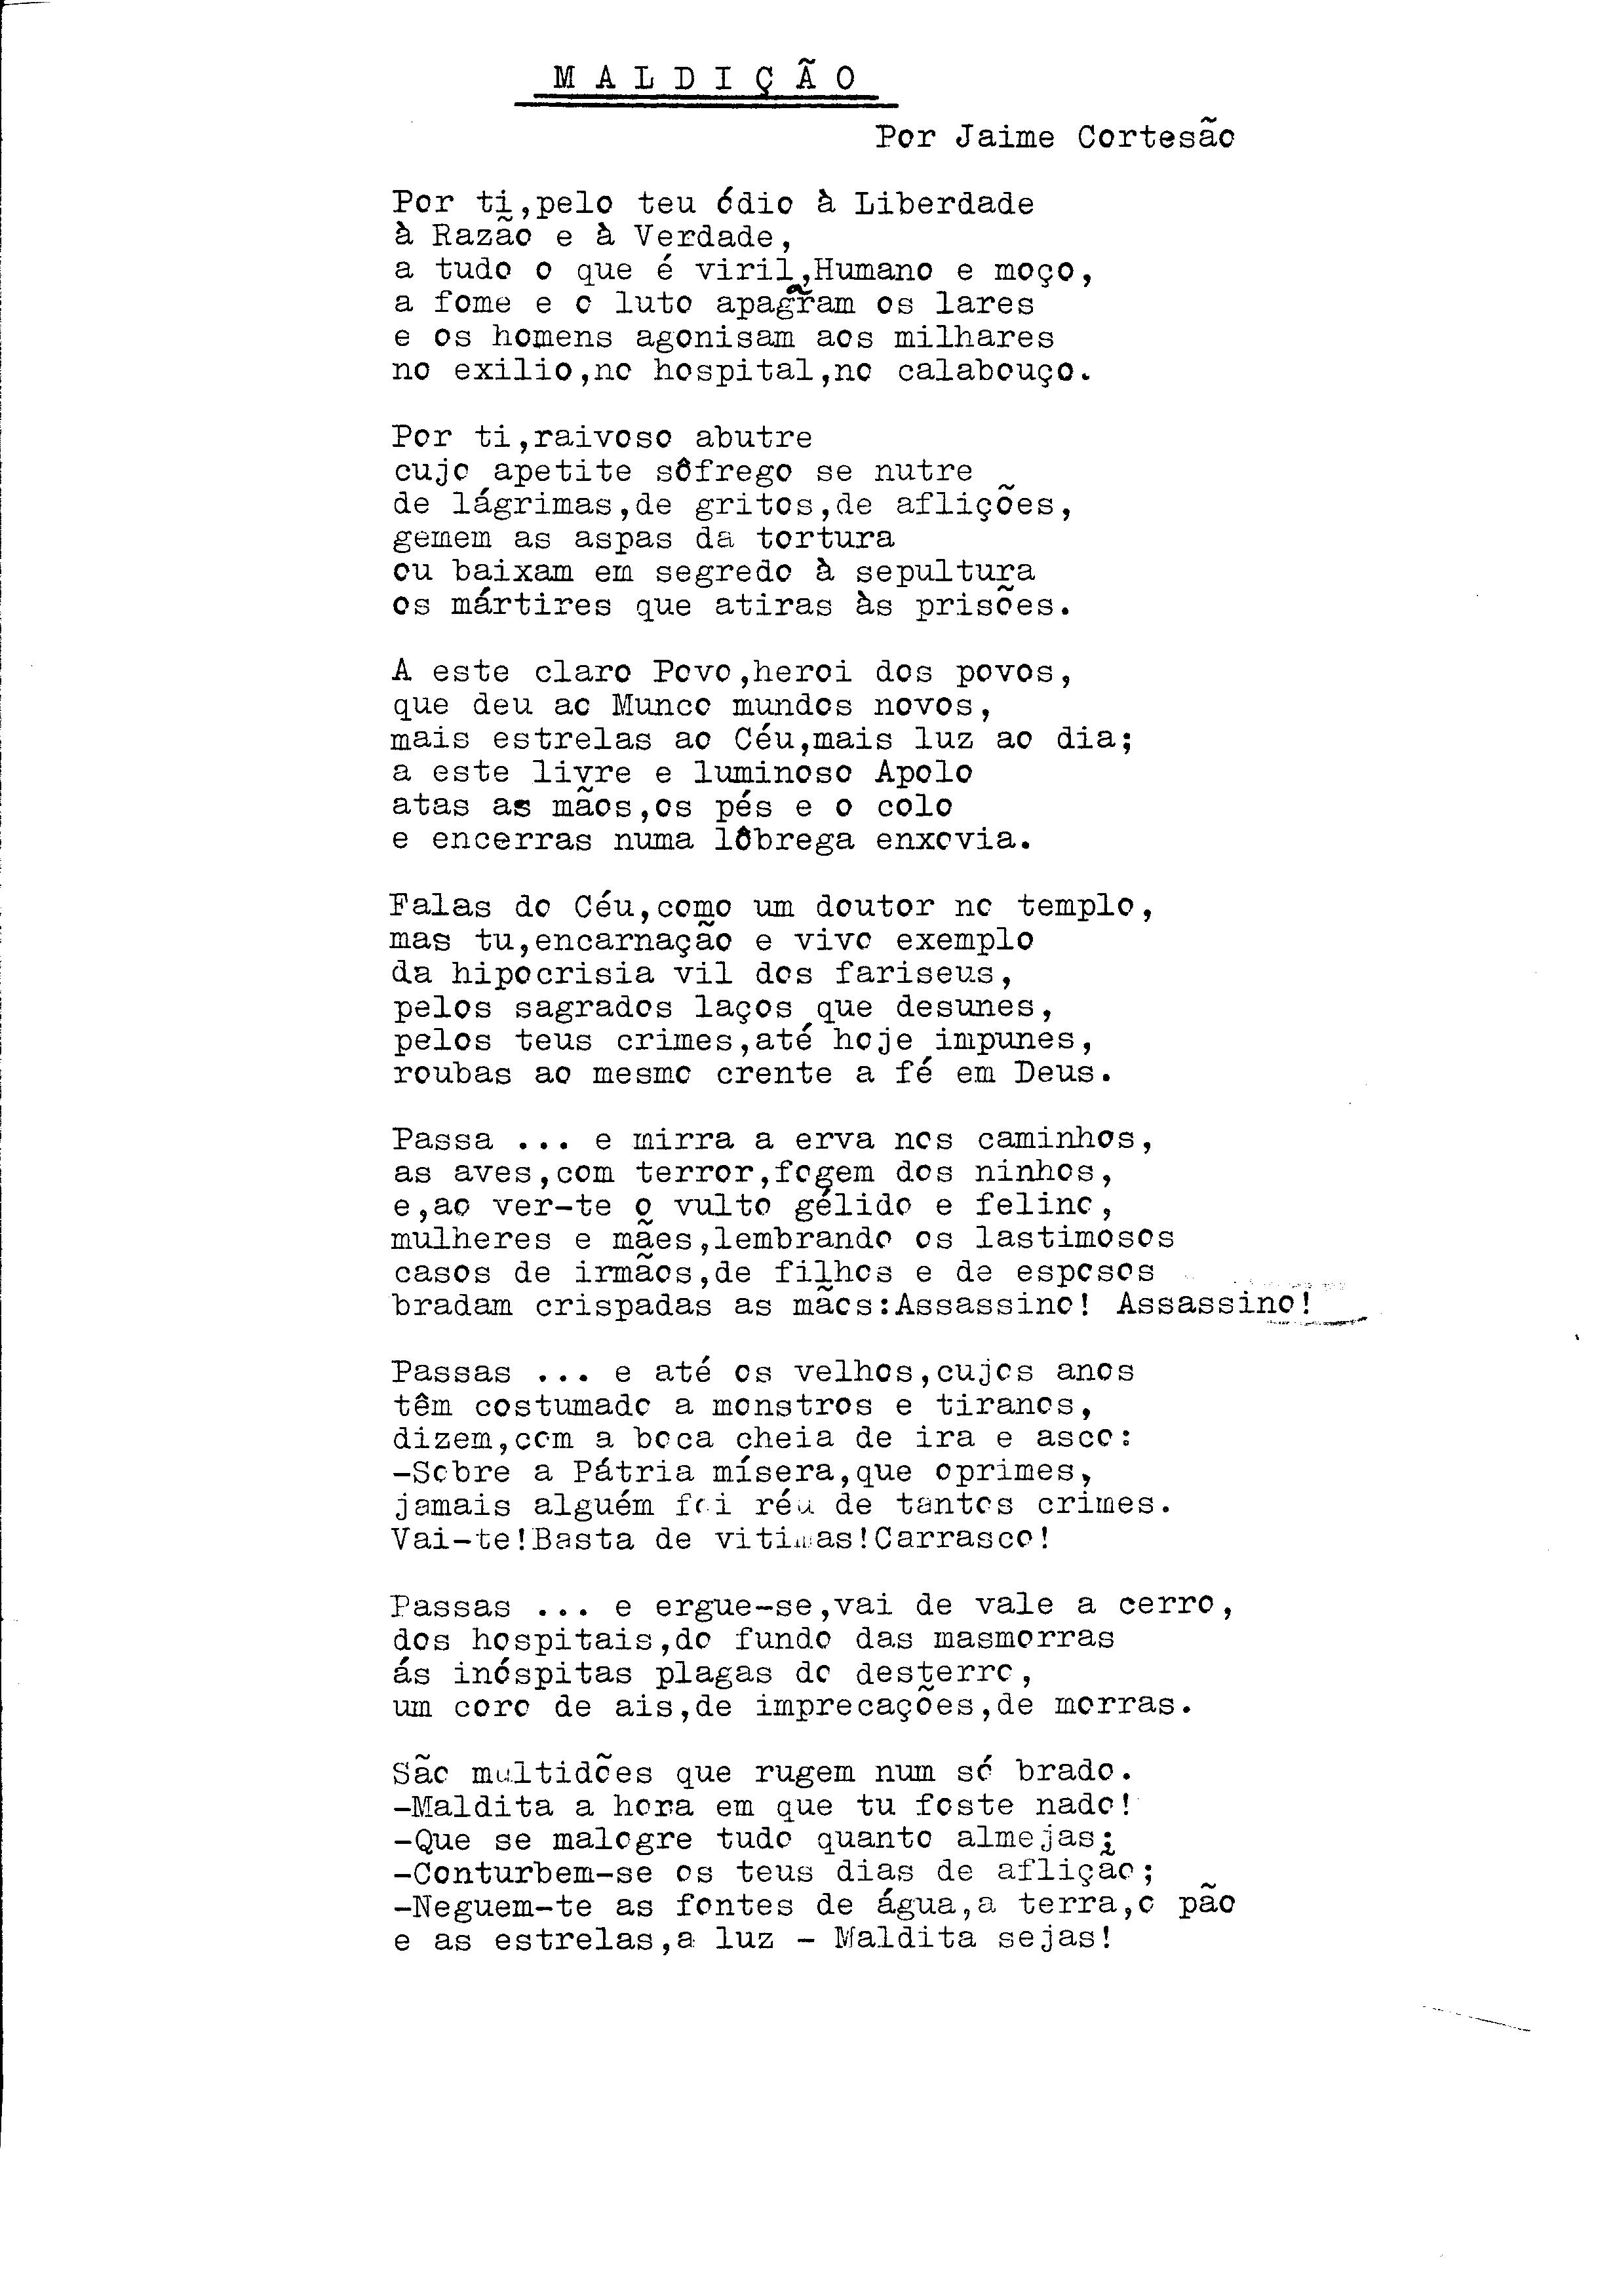 01058.018- pag.1